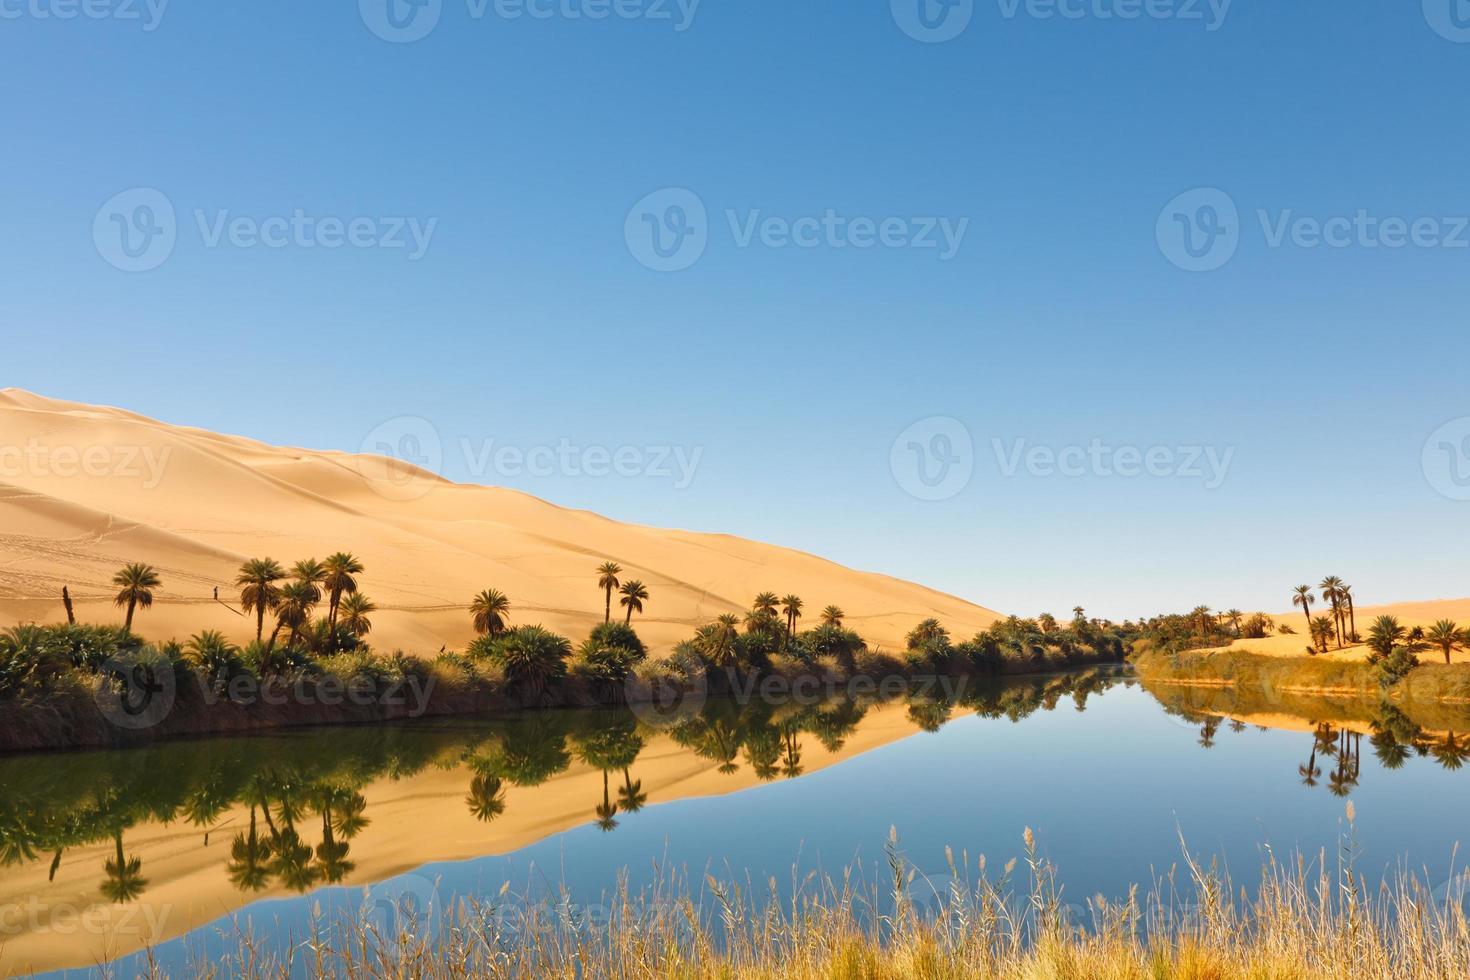 lago umm al-ma - oasi nel deserto, sahara, libia foto